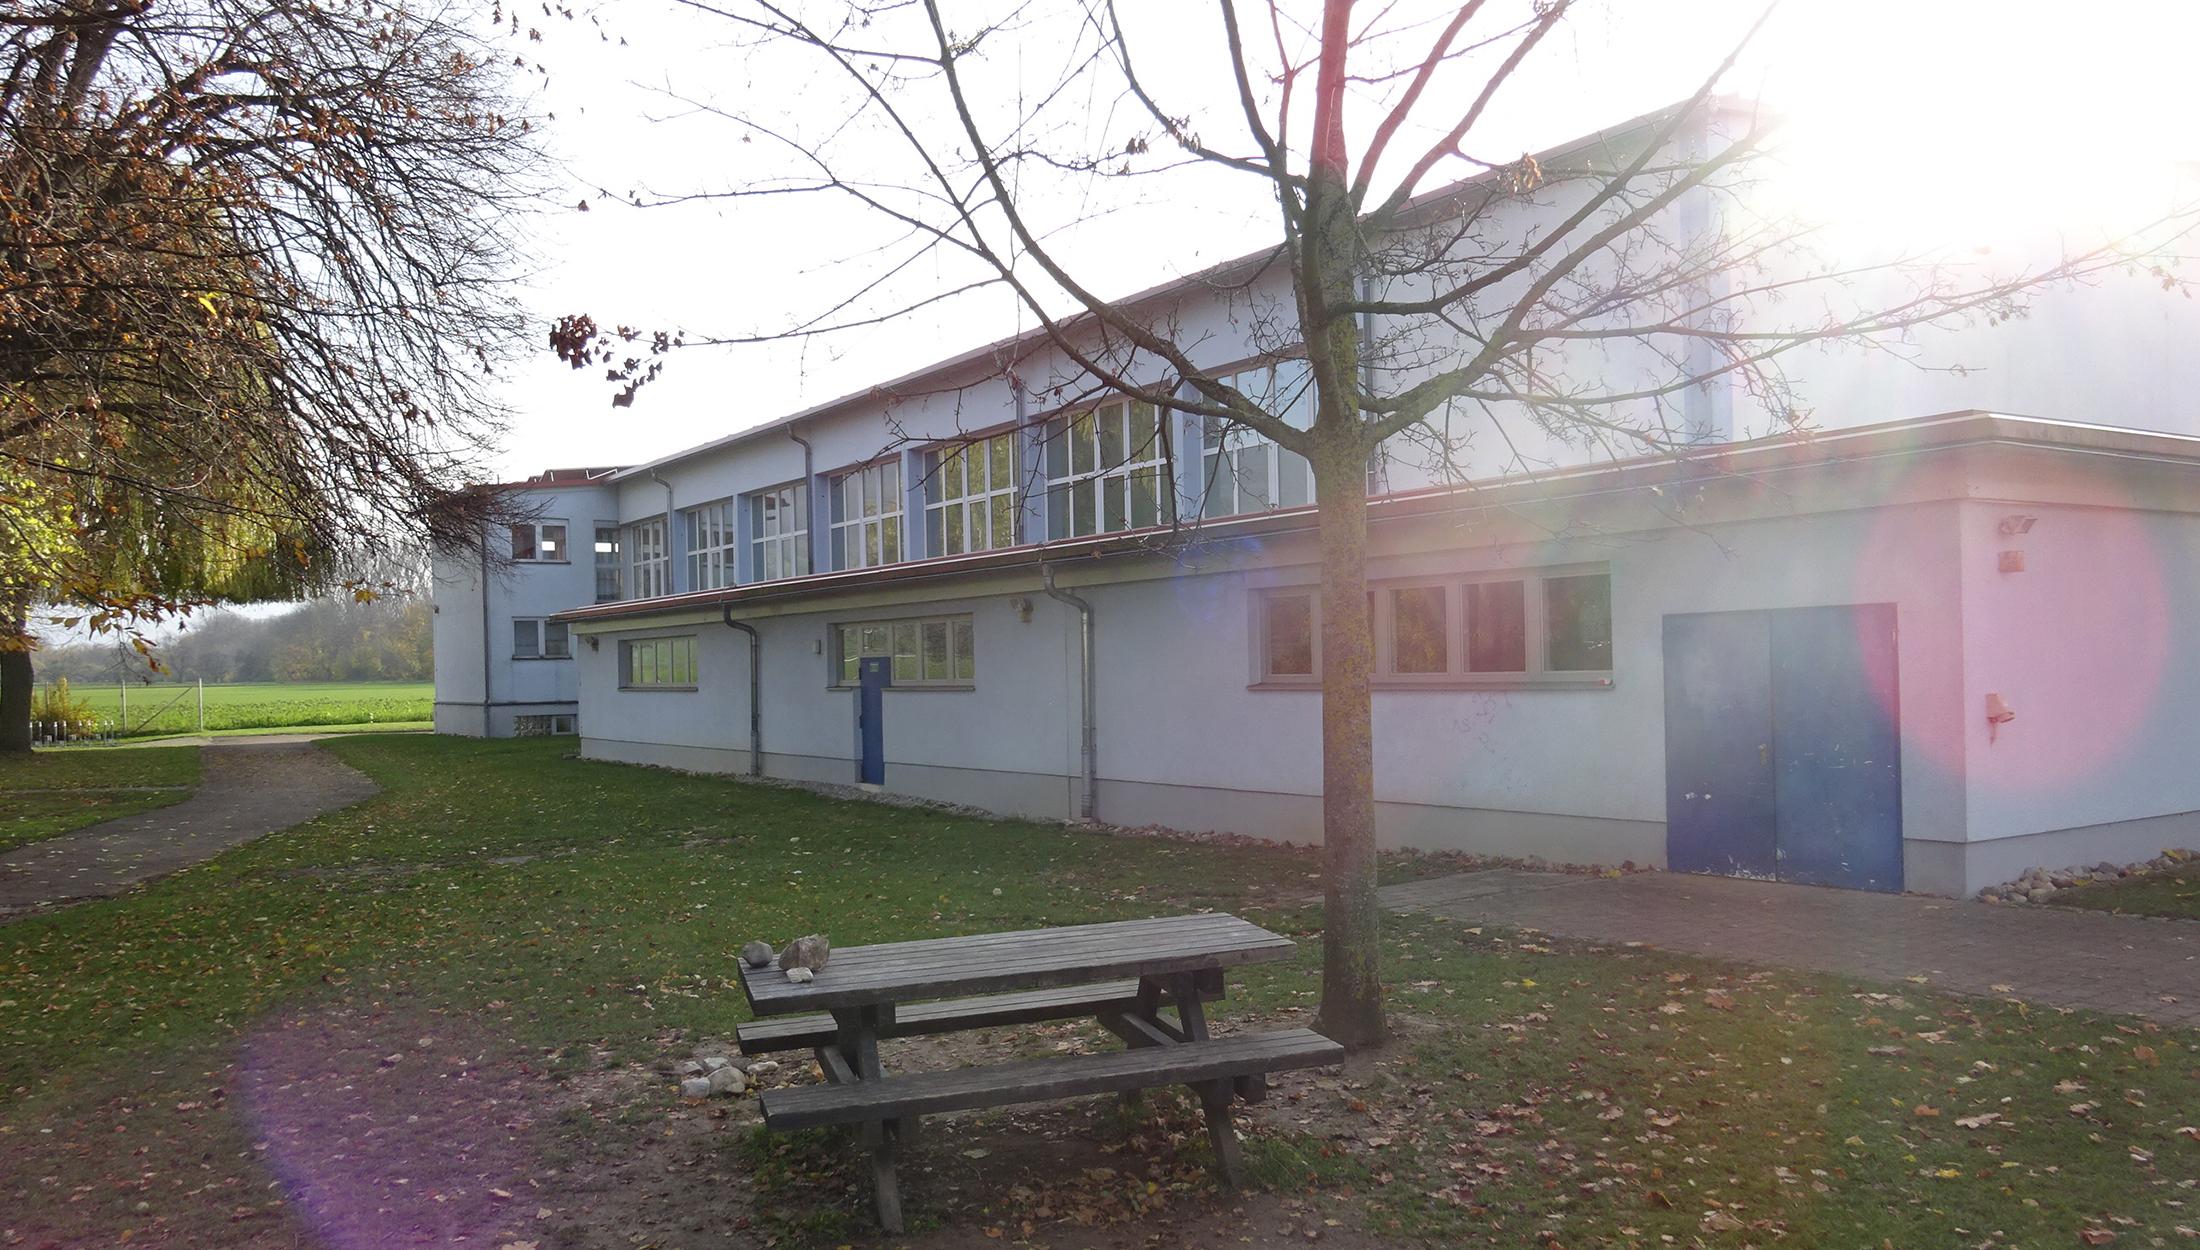 2022, Verfahrensbetreuung Ersatzneubau Hohensteinhalle, Gingen an der Fils